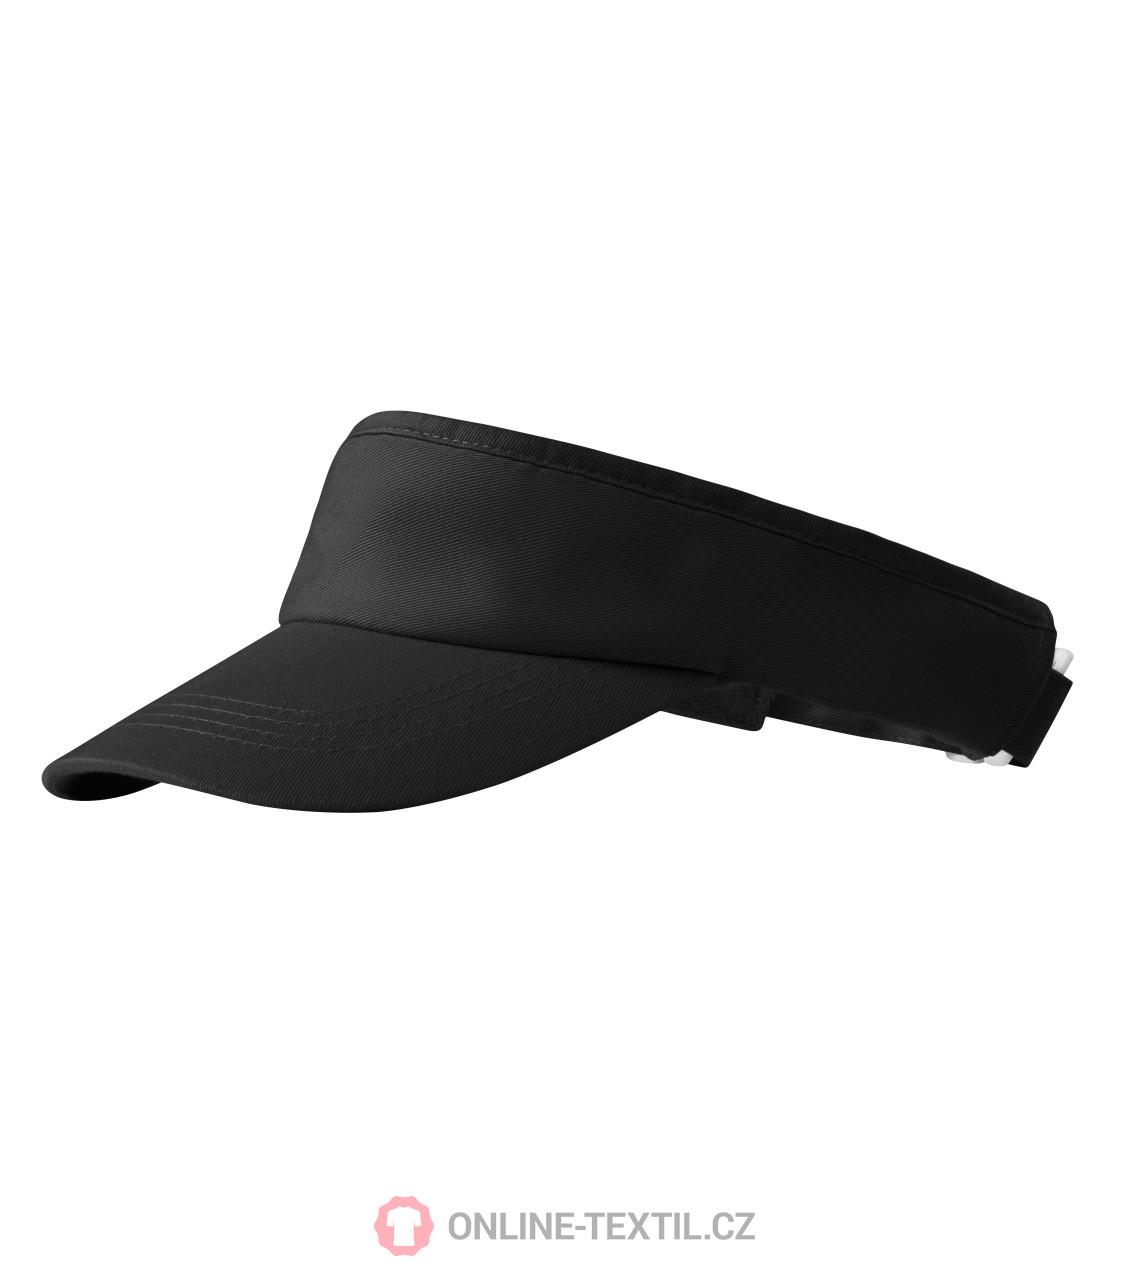 ADLER CZECH Kšilt Sunvisor 310 - černá z kolekce MALFINI  fe50cb795b